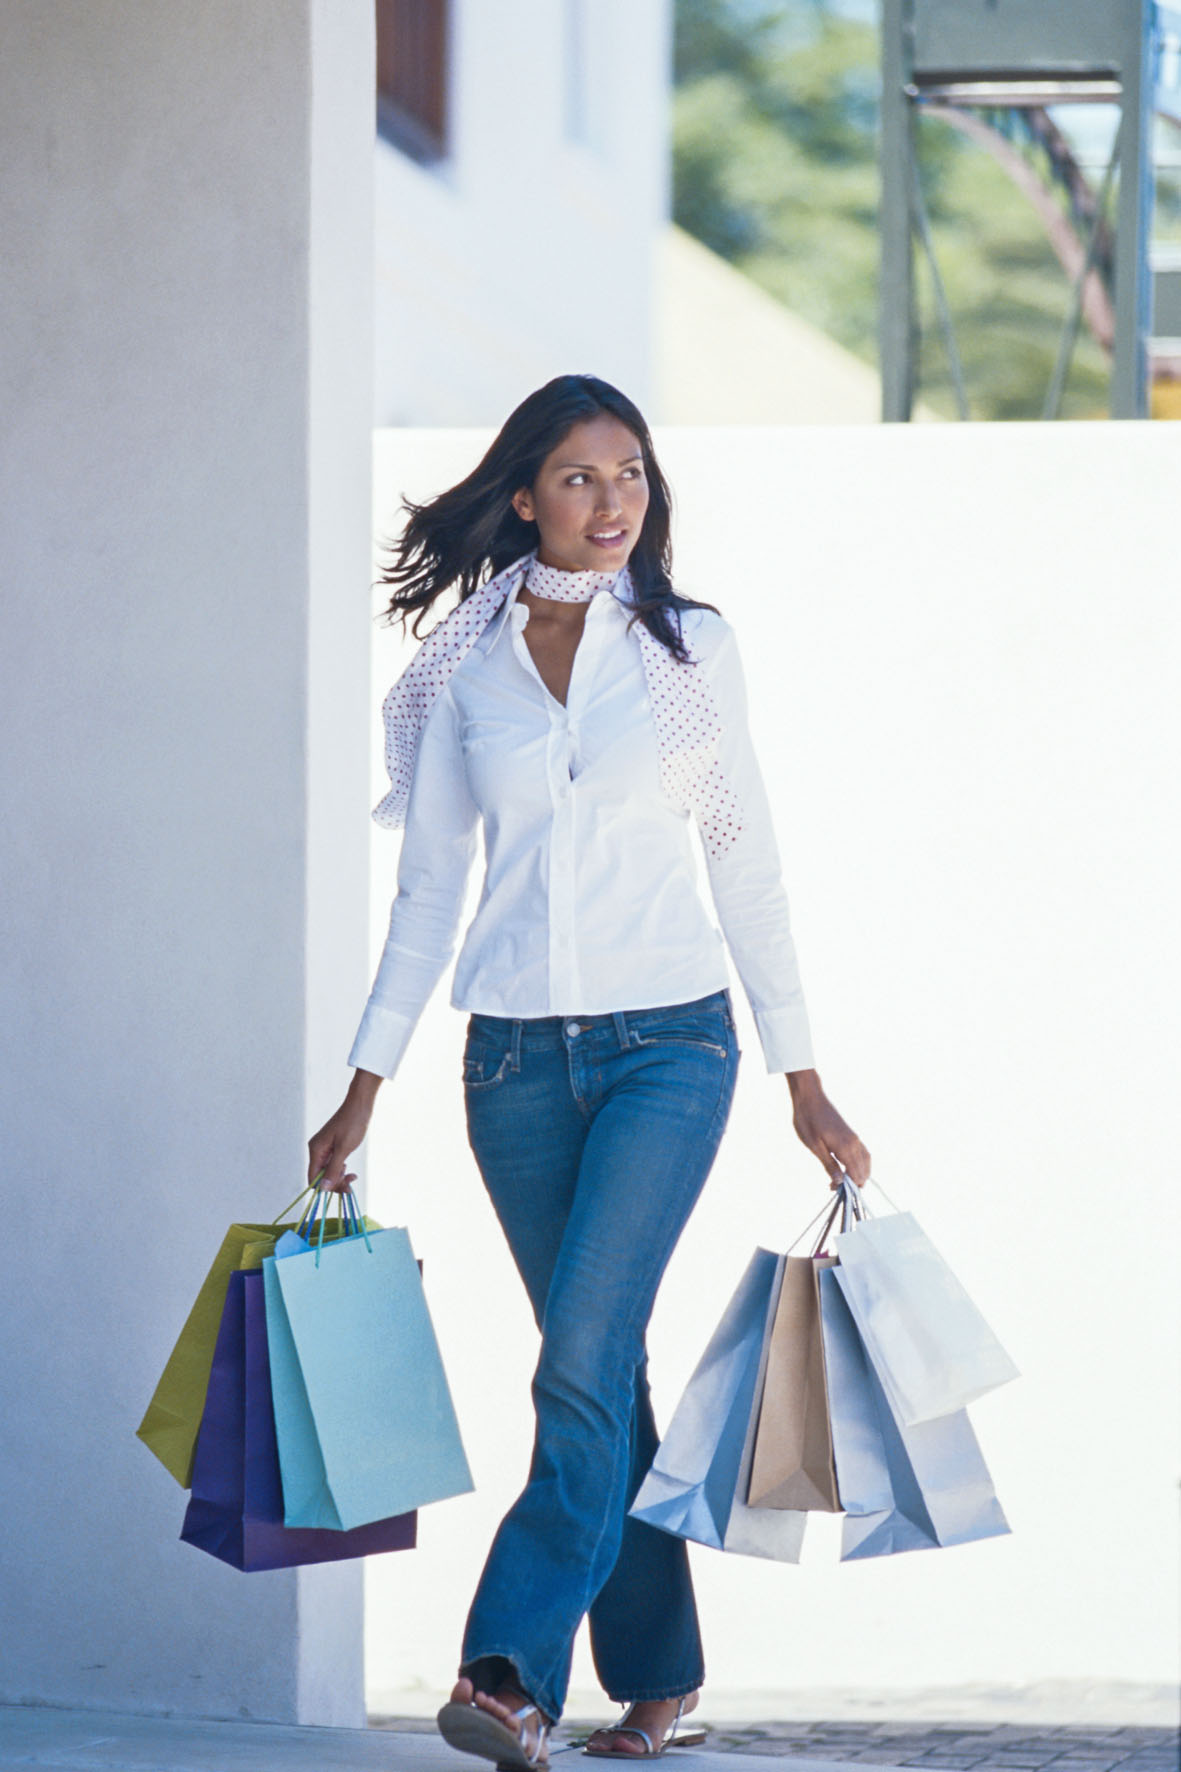 Preiswert Shoppen macht den Deutschen Spaß. Vor allem für modische Bekleidung greifen sie regelmäßig in den Geldbeutel.